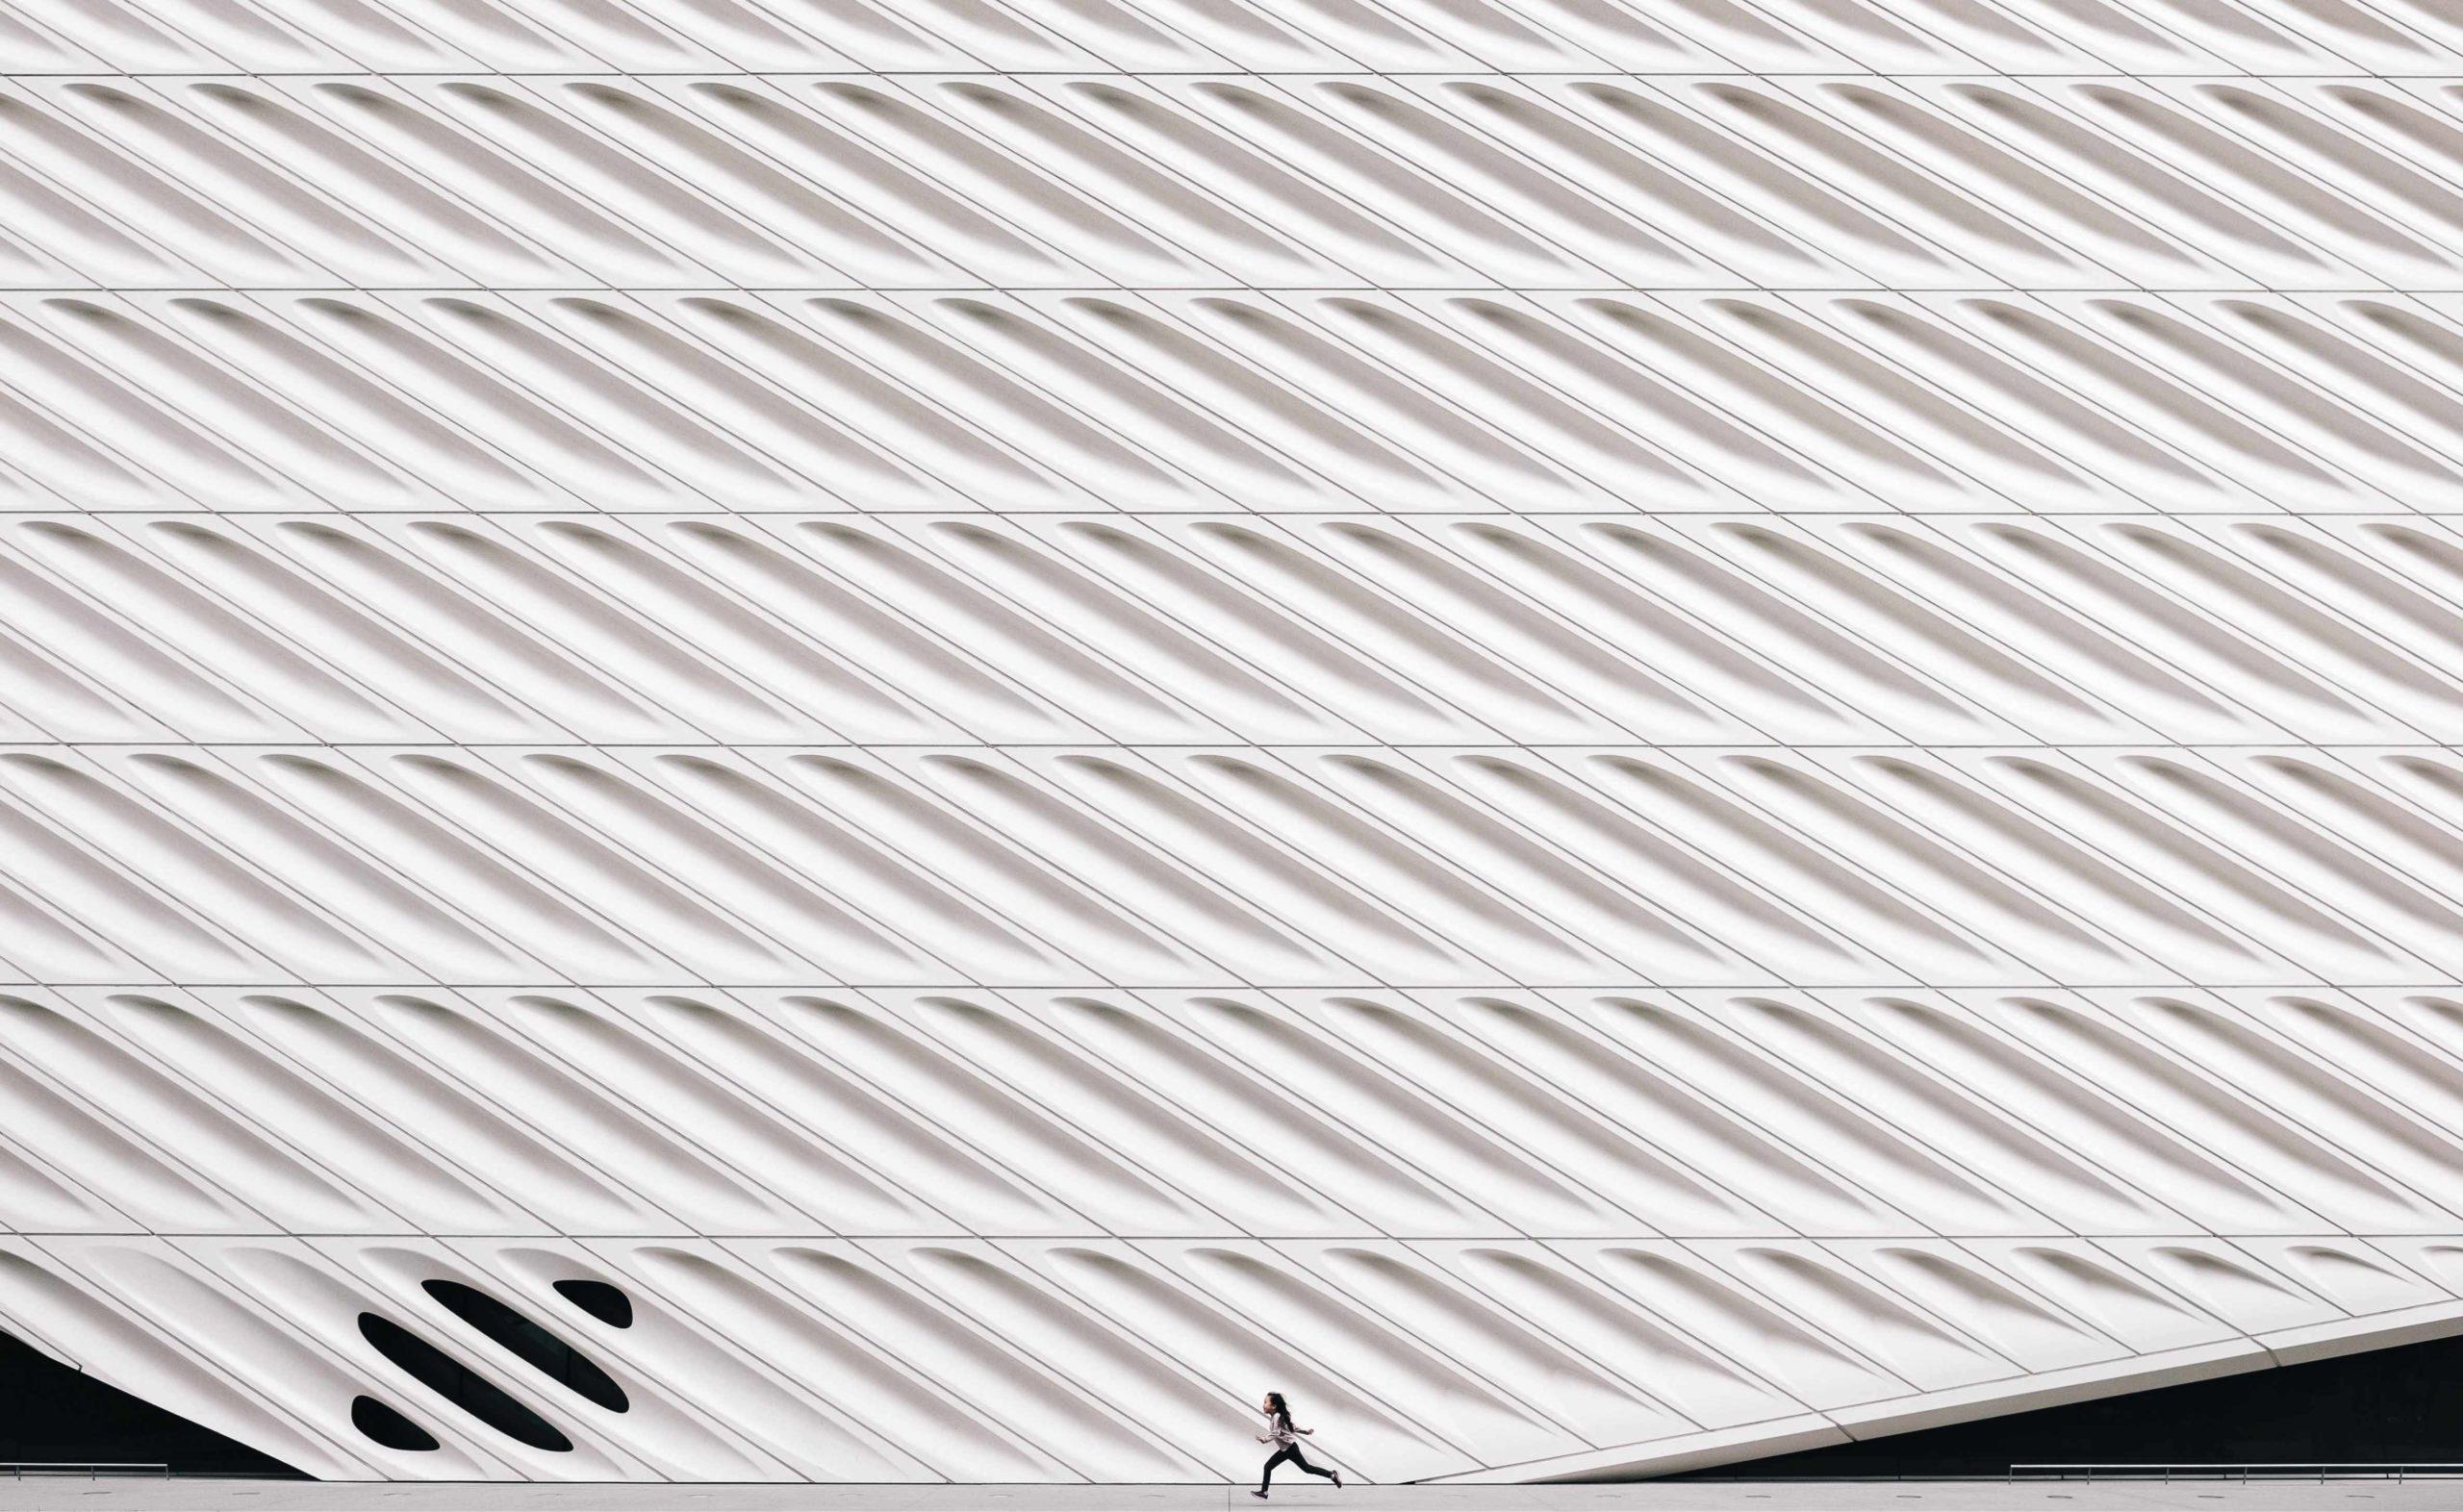 Maßstab umrechnen Technische Zeichnung oder Architektur-Modellbau | Architektur-studieren.info